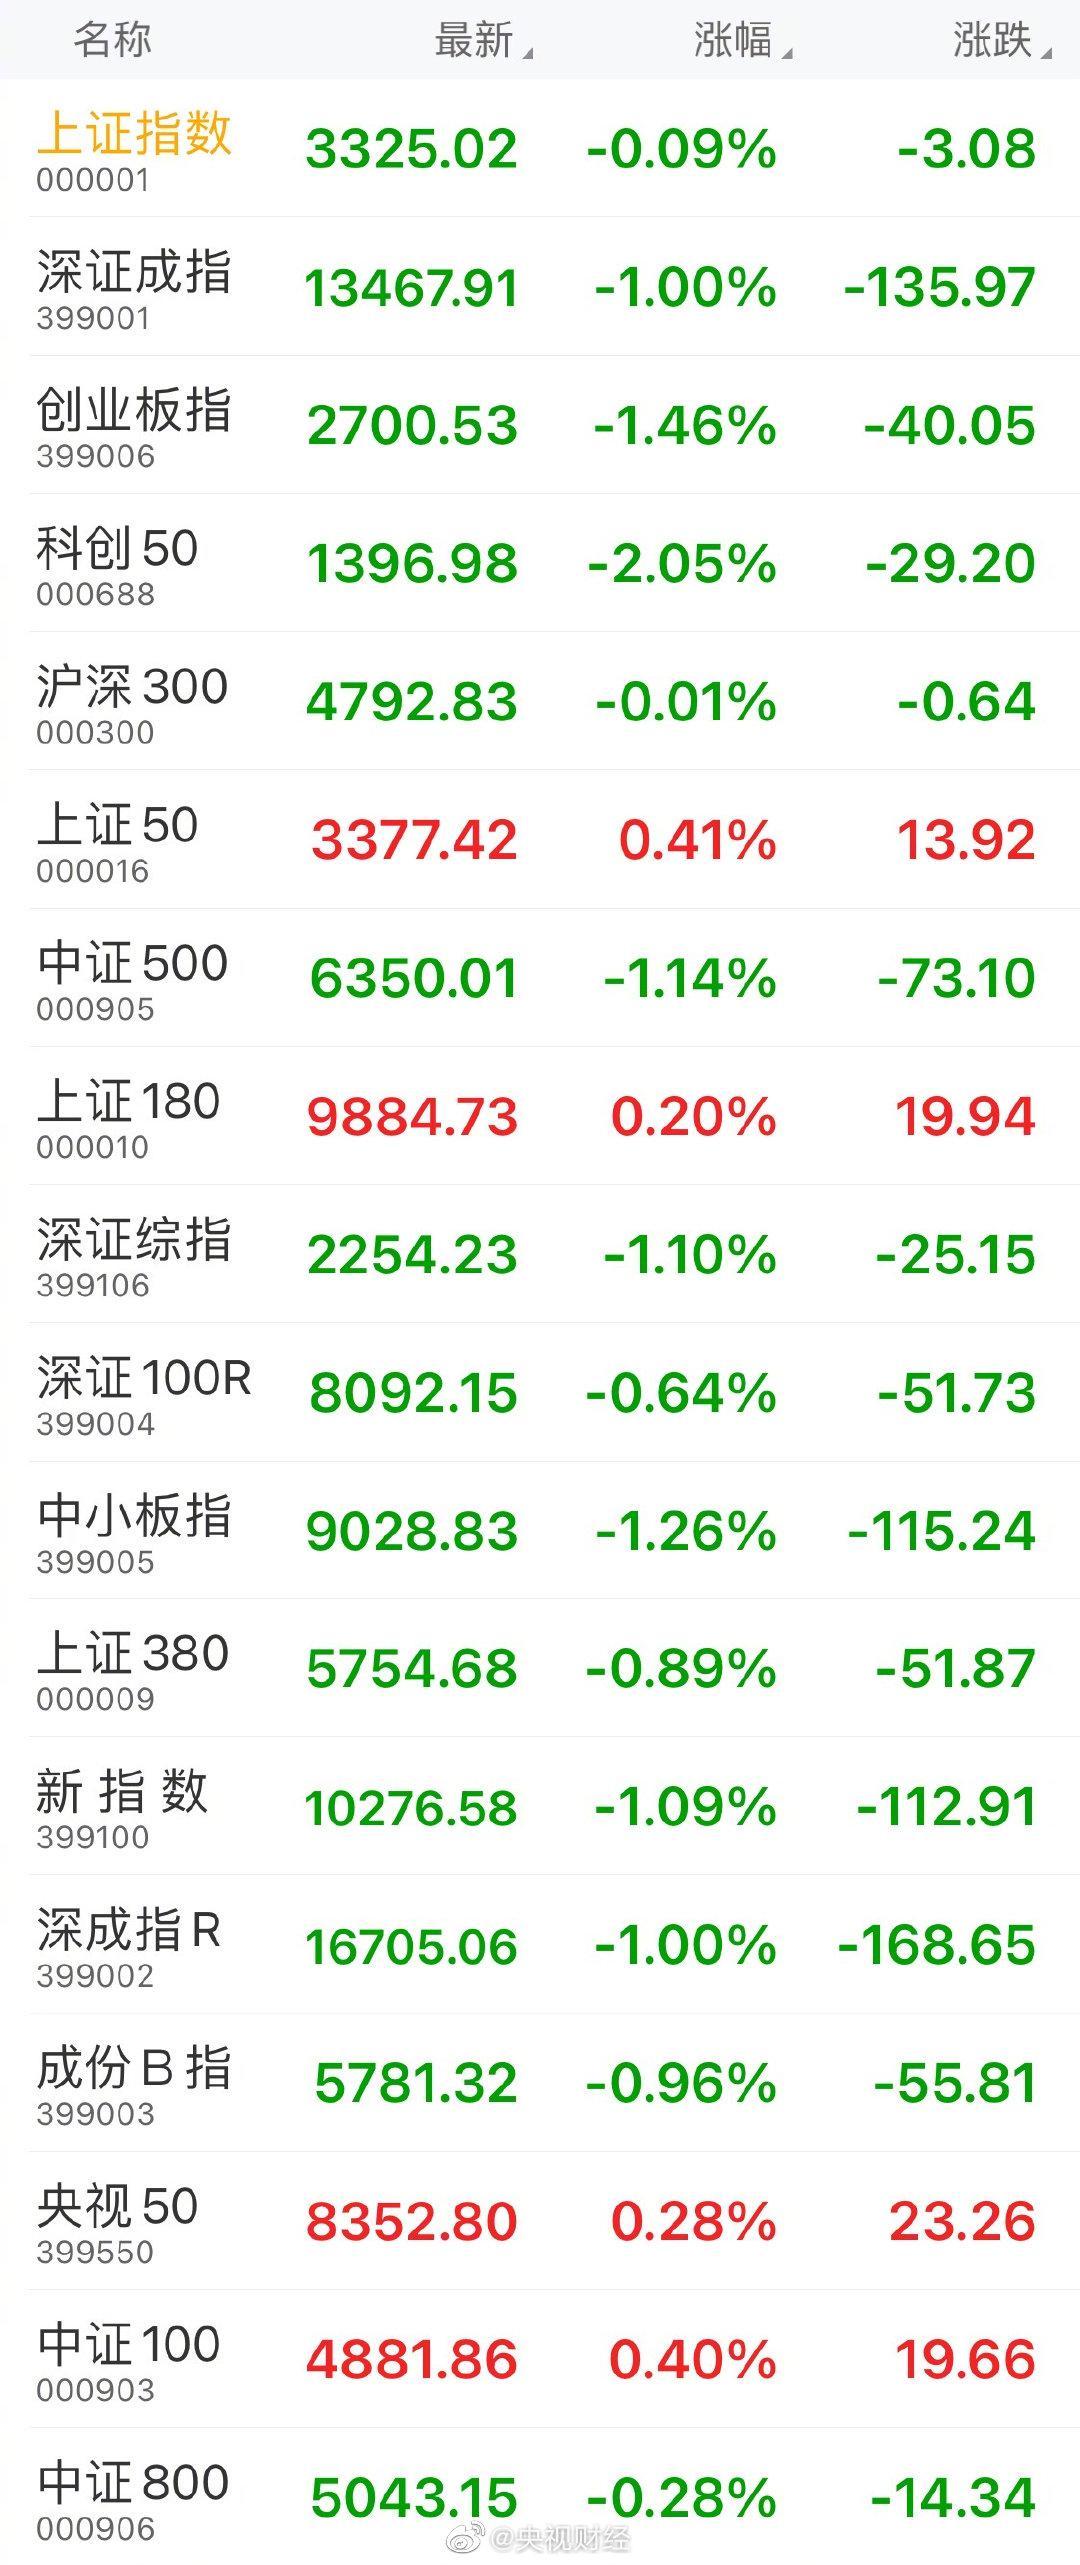 收盘:创业板指跌幅1.46%,上证指数跌0.09%